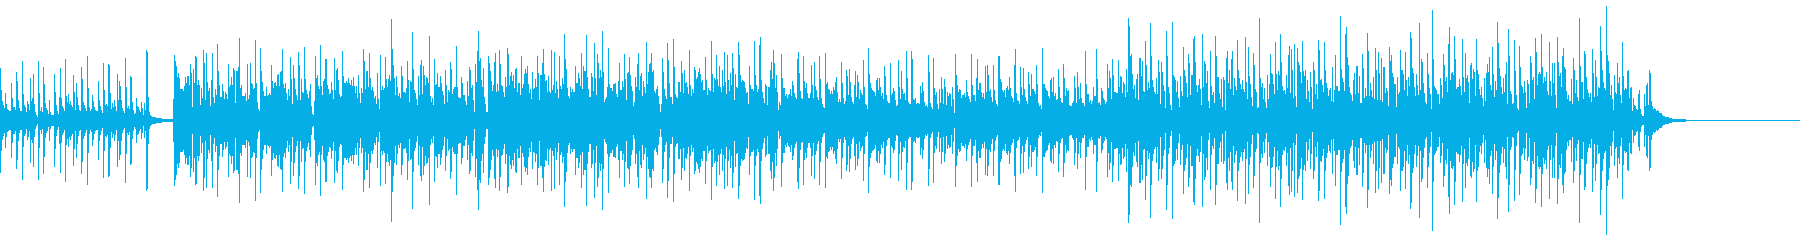 穏やかなファンクミュージックの再生済みの波形